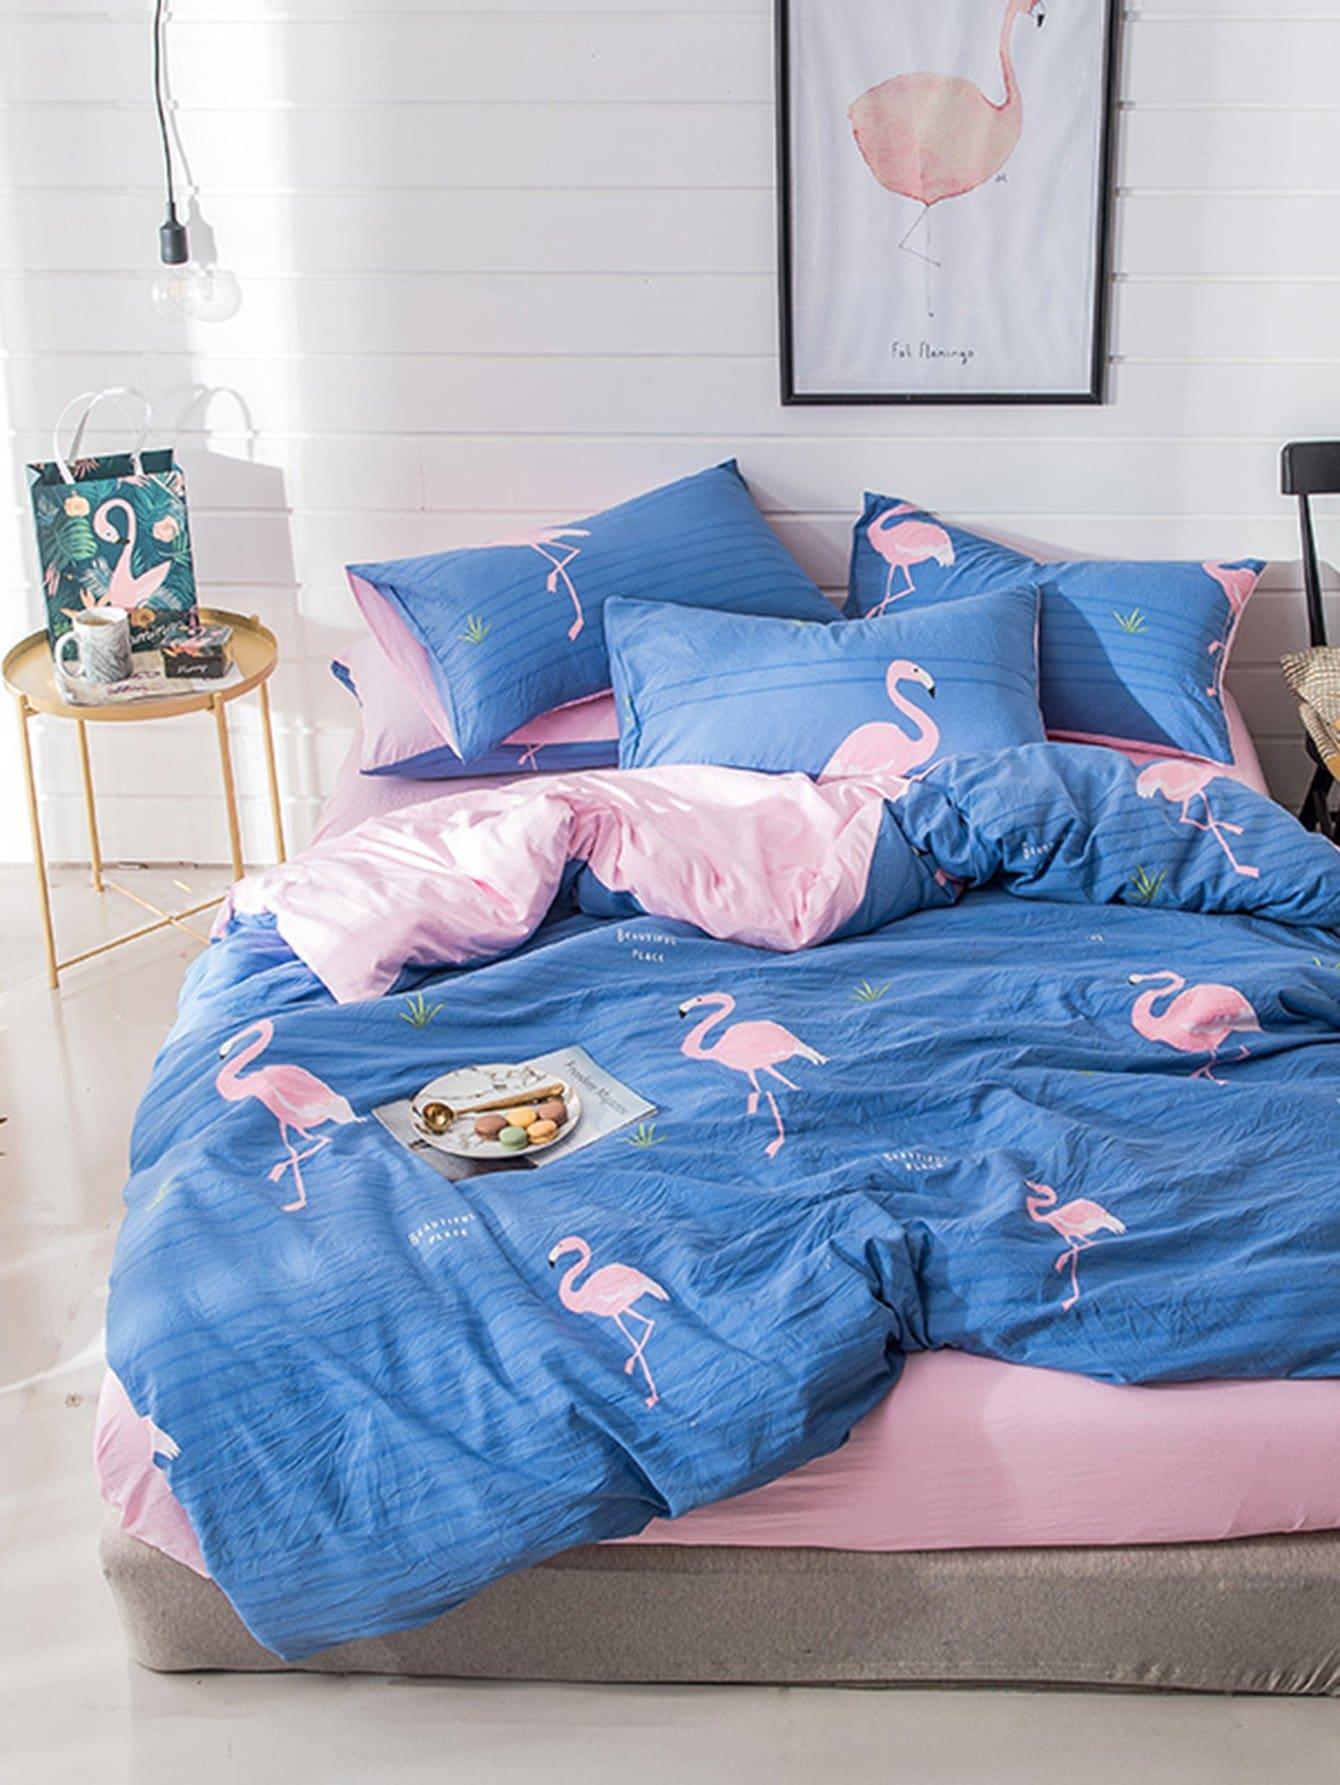 Купить Комплект для кровати с полосками и принтом фламинго, null, SheIn